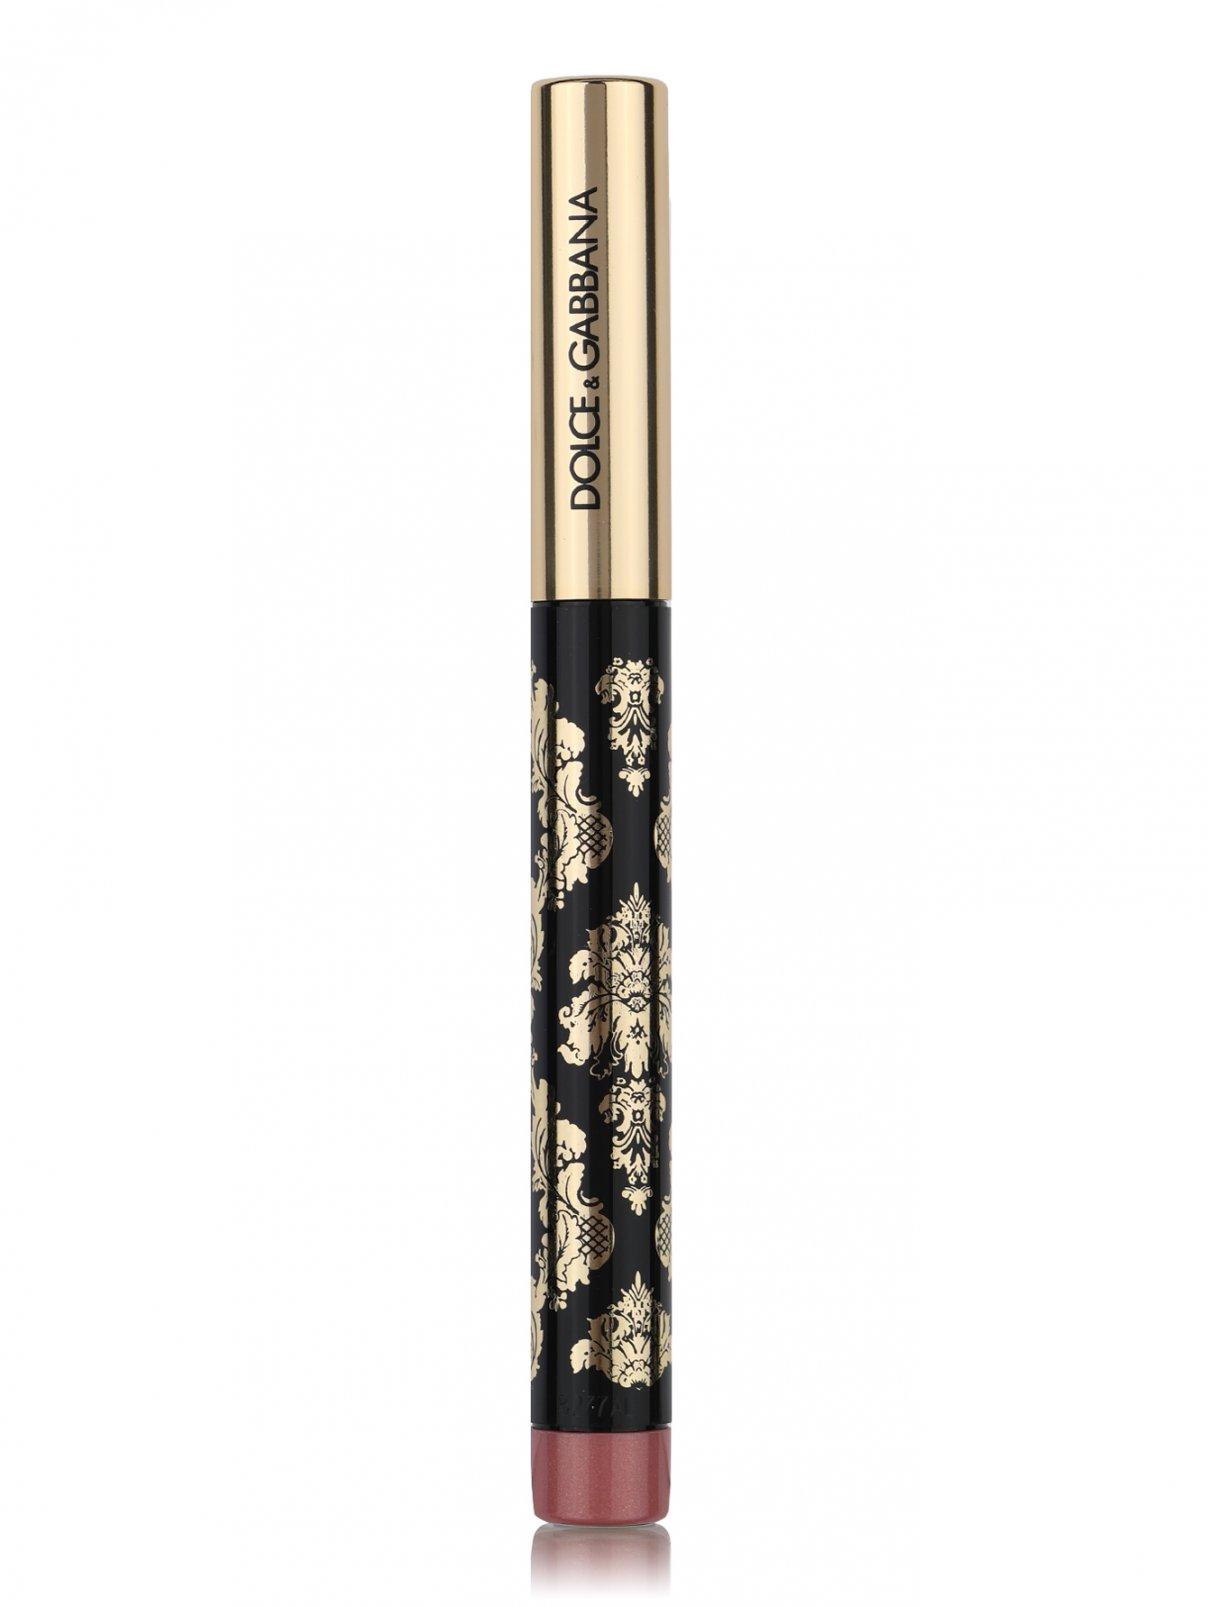 Тени-карандаш для глаз INTENSEYES, 8 PINK, 1,4 г Dolce & Gabbana  –  Общий вид